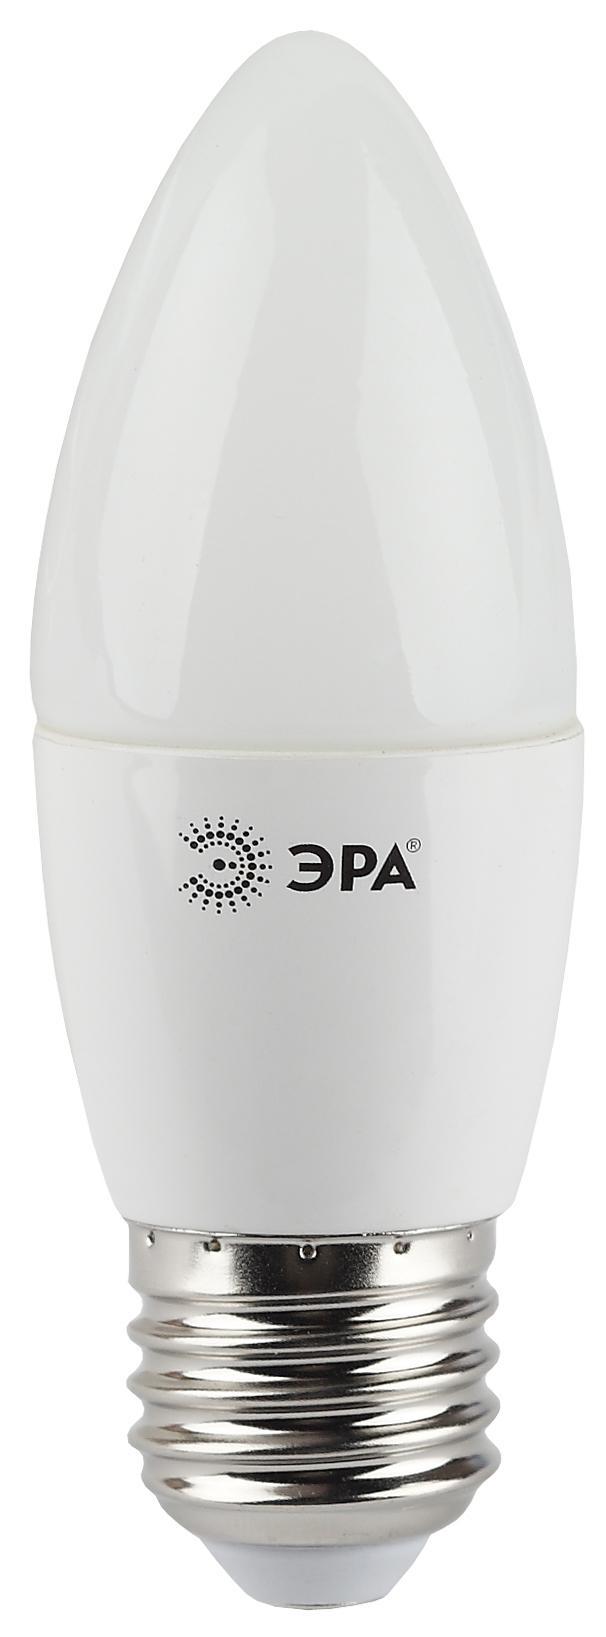 Лампа светодиодная ЭРА Led smd b35-7w-840-e27 лампа светодиодная эра led smd bxs 7w 840 e14 clear